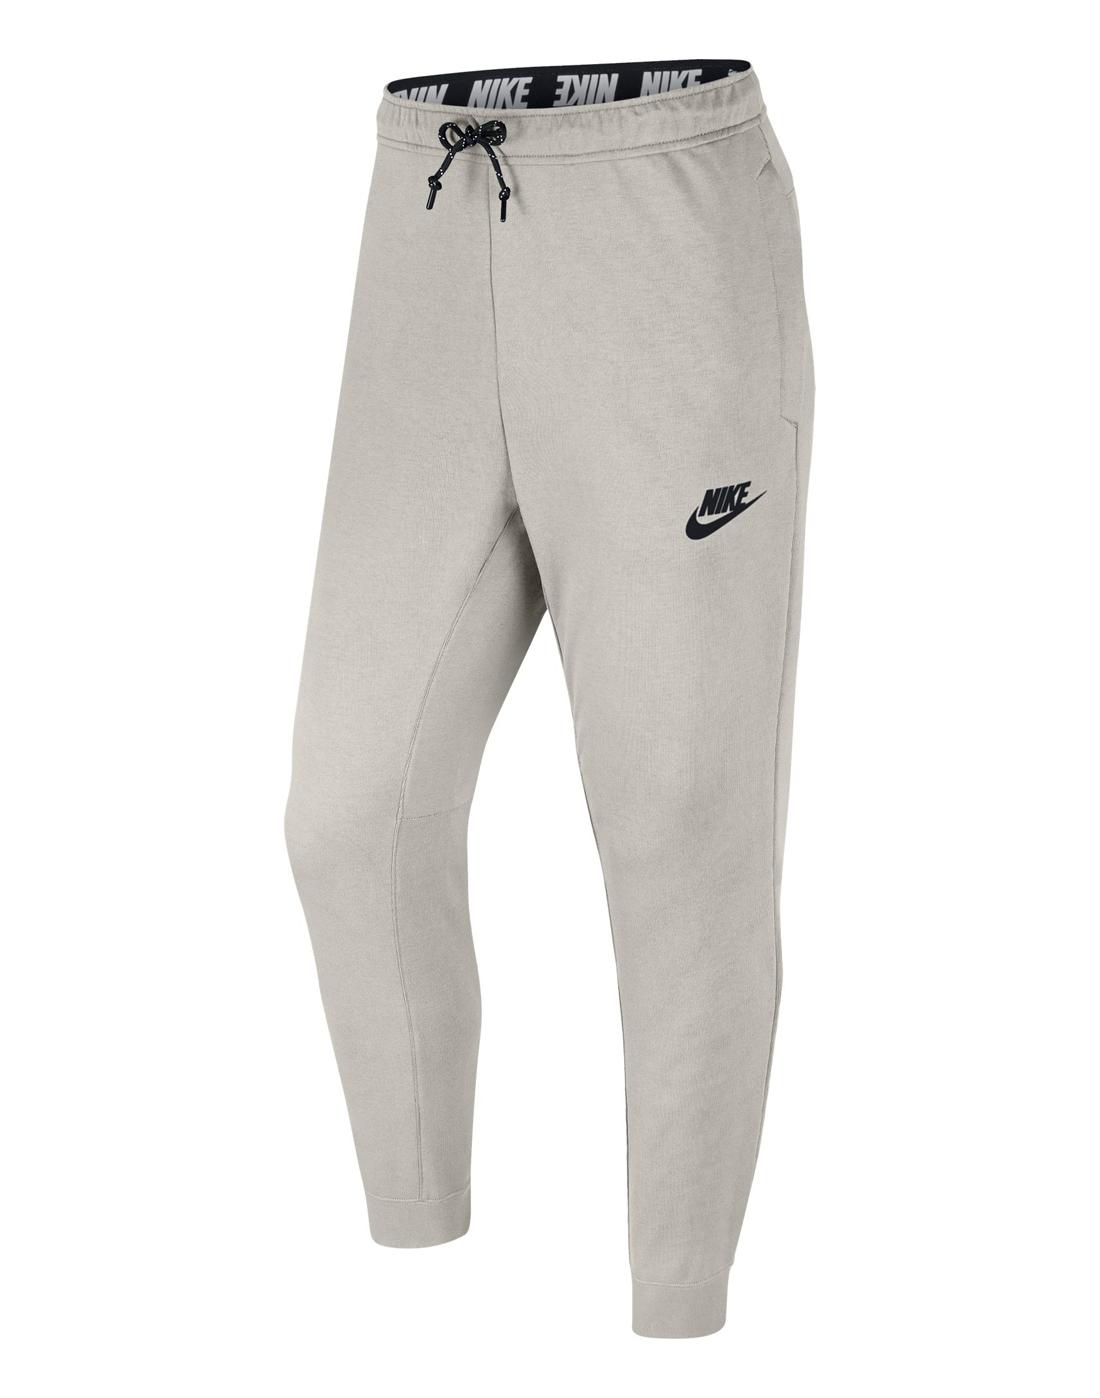 4a9c258bd52a Nike Mens AV15 Jogger